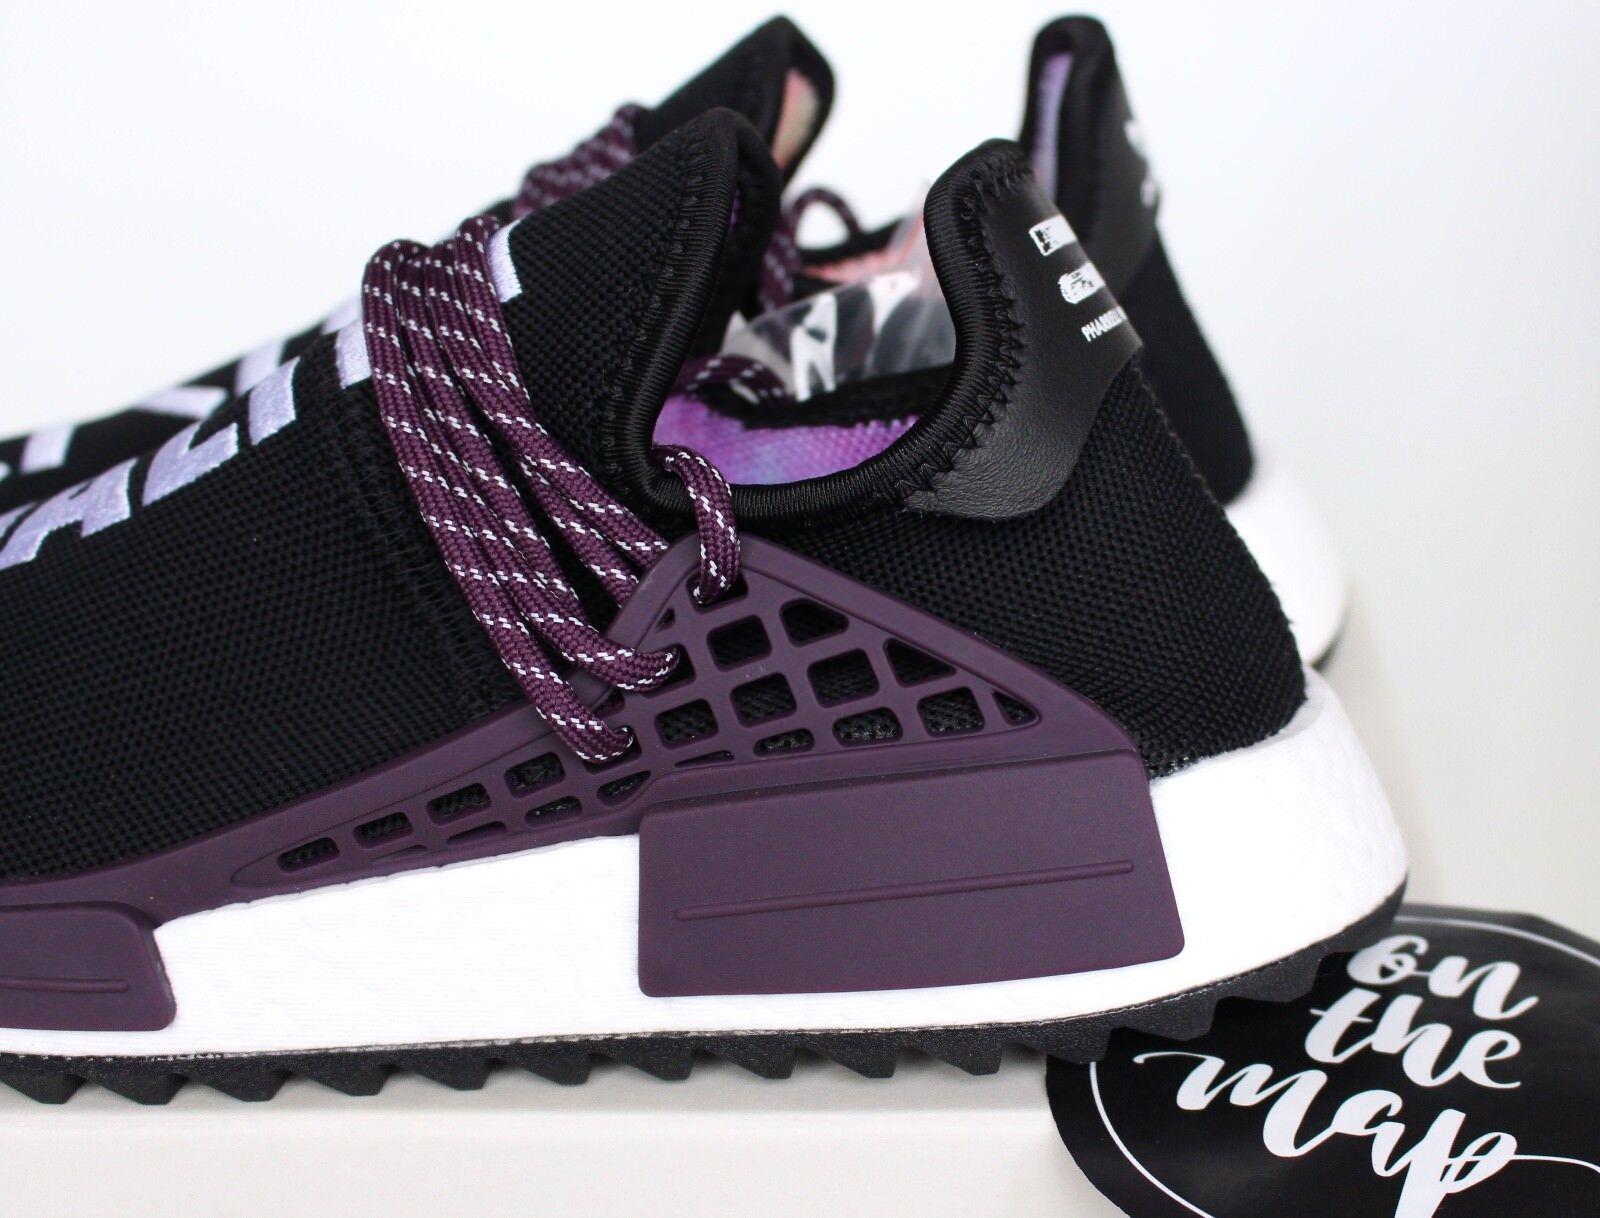 size 40 5fb16 6d972 Adidas Pharrell Human Race HU Holi NMD Trail Black Purple UK 5 7 8 9 11 US  New